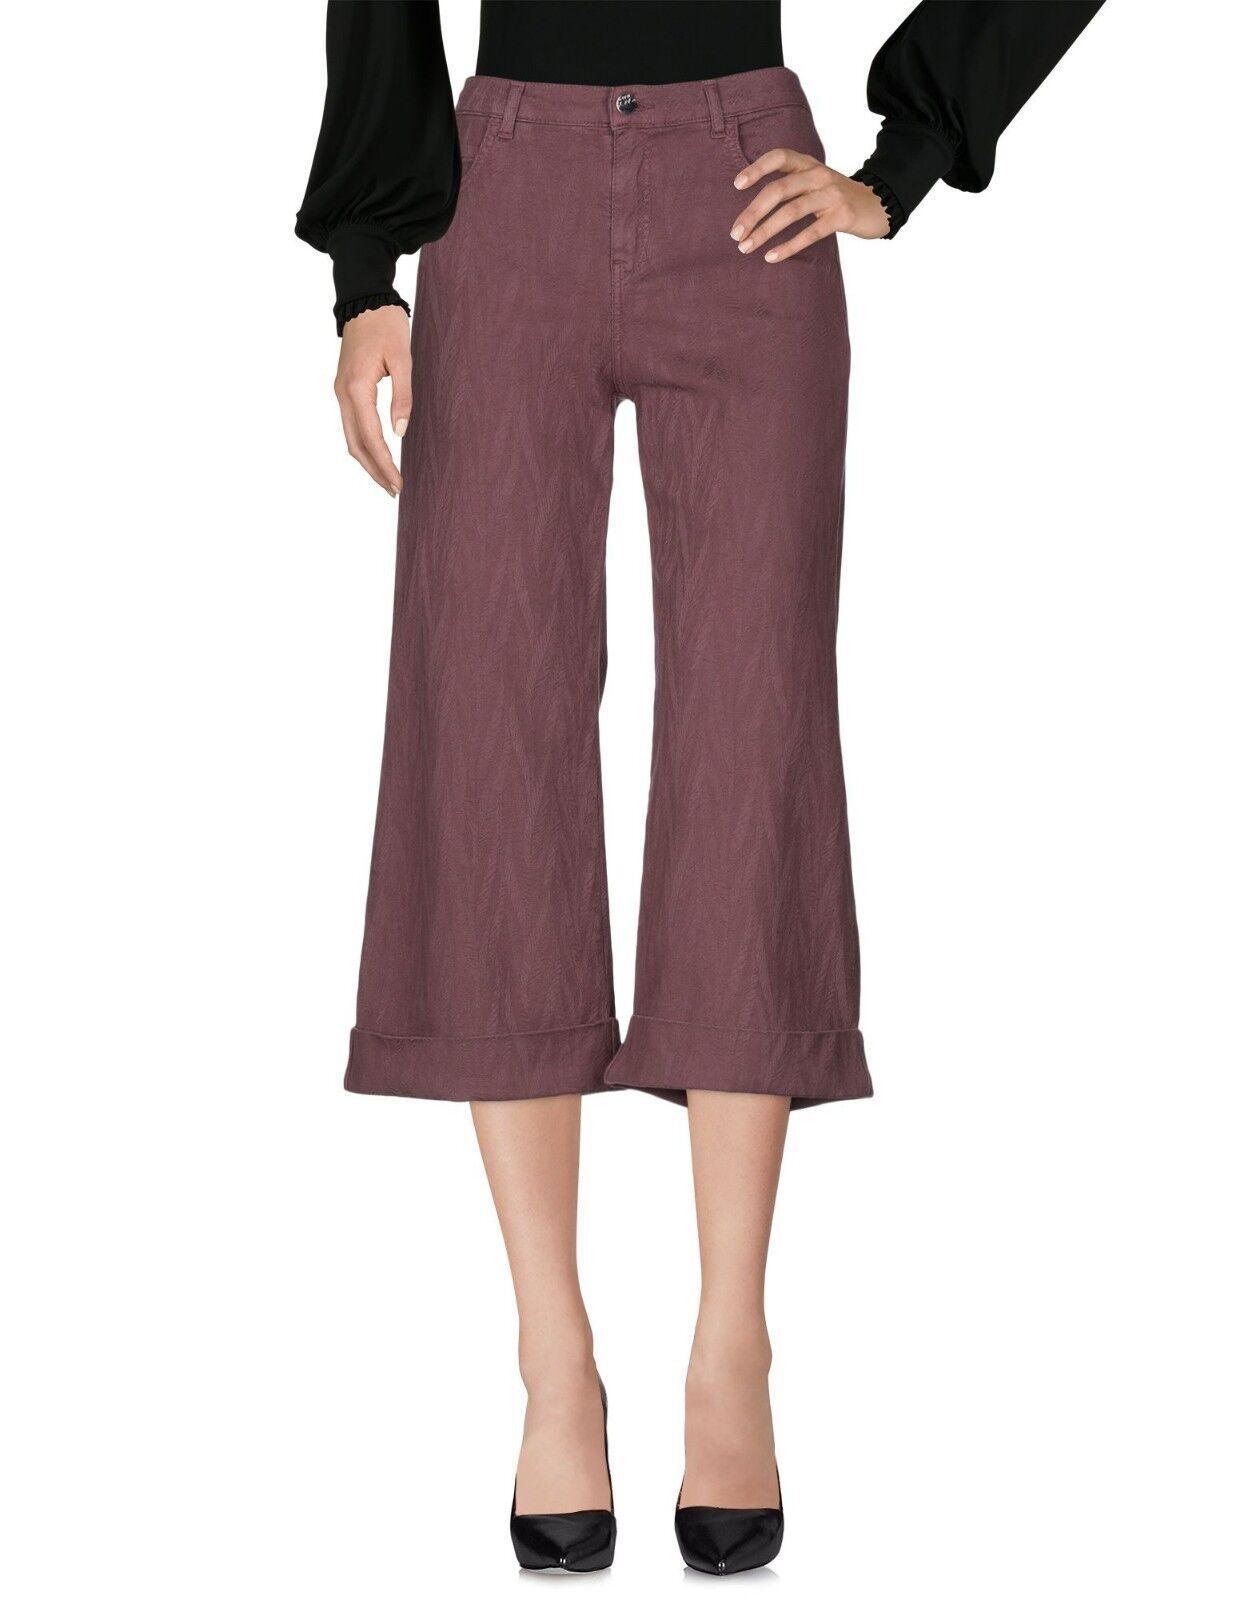 Jeans daMänner Pantaloni Capri KAOS Made in  H780 Tg 27